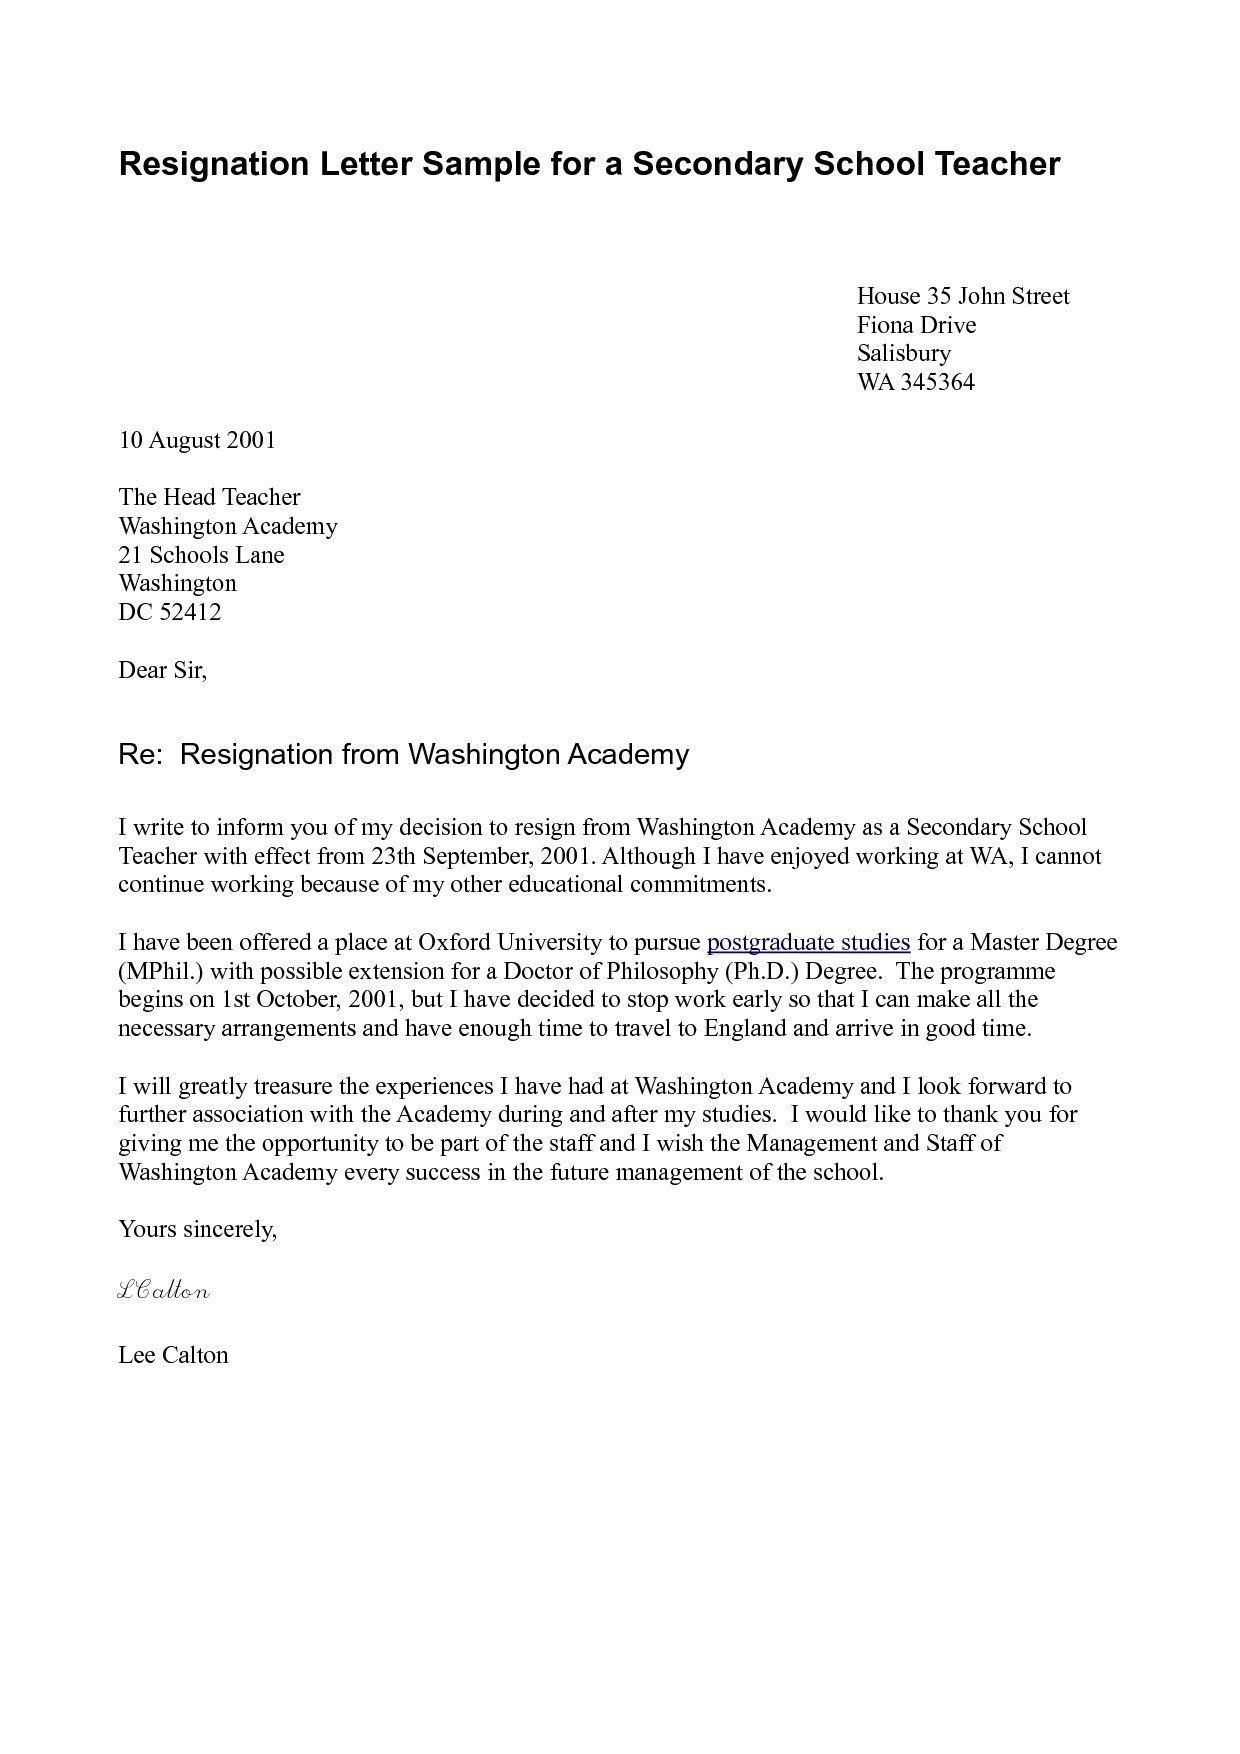 New Resignation Letter for Lecturer Job Resignation